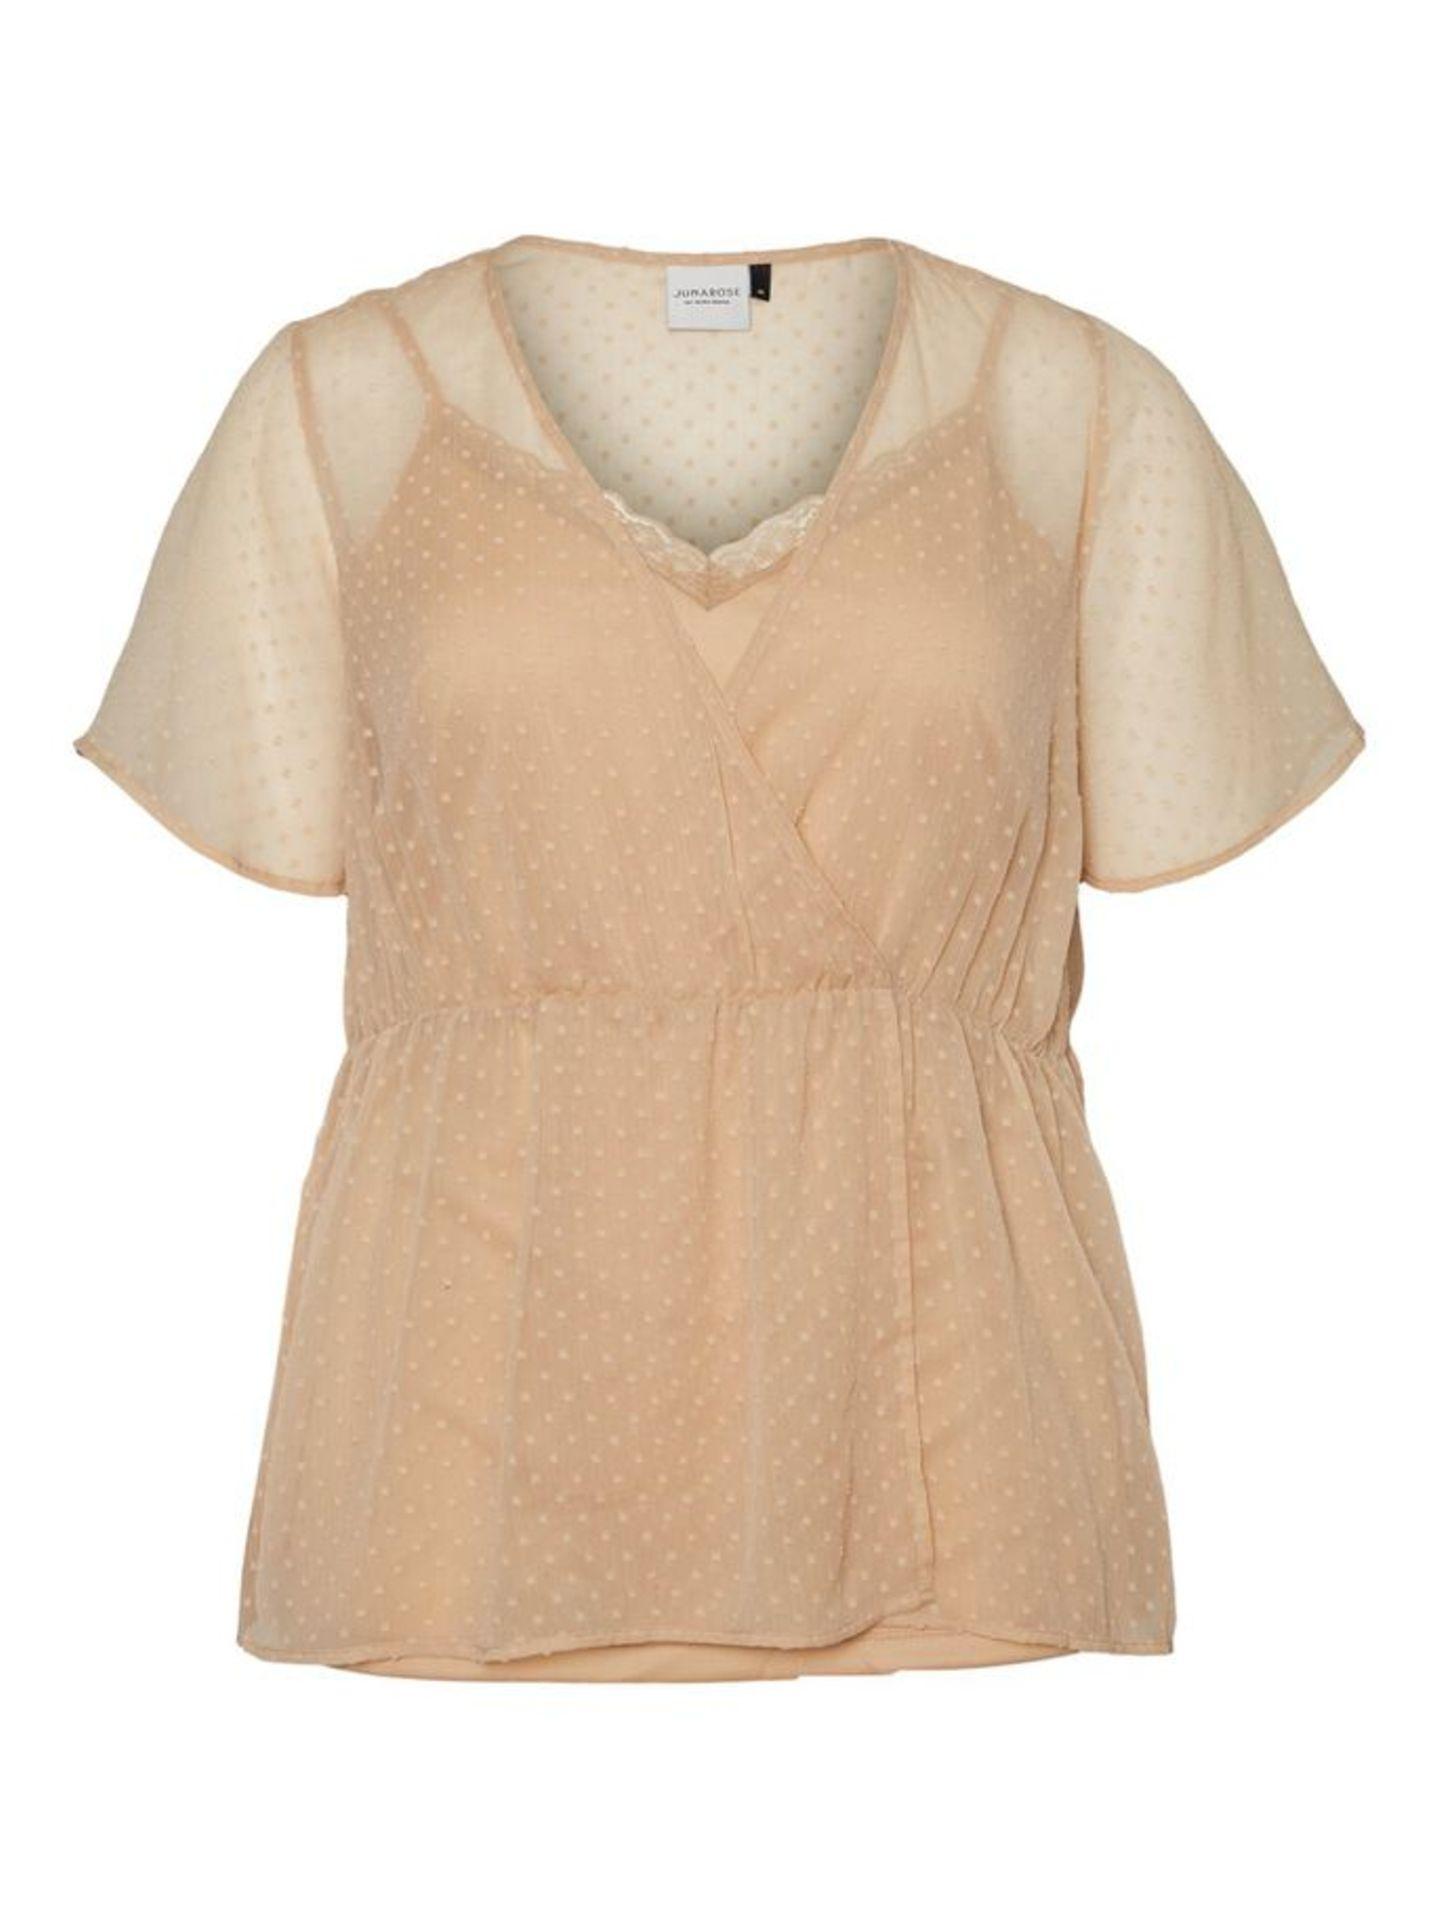 Süße Bluse aus transparentem Stoff in Wickeloptik. Von Vero Moda Curve, um 45 Euro.